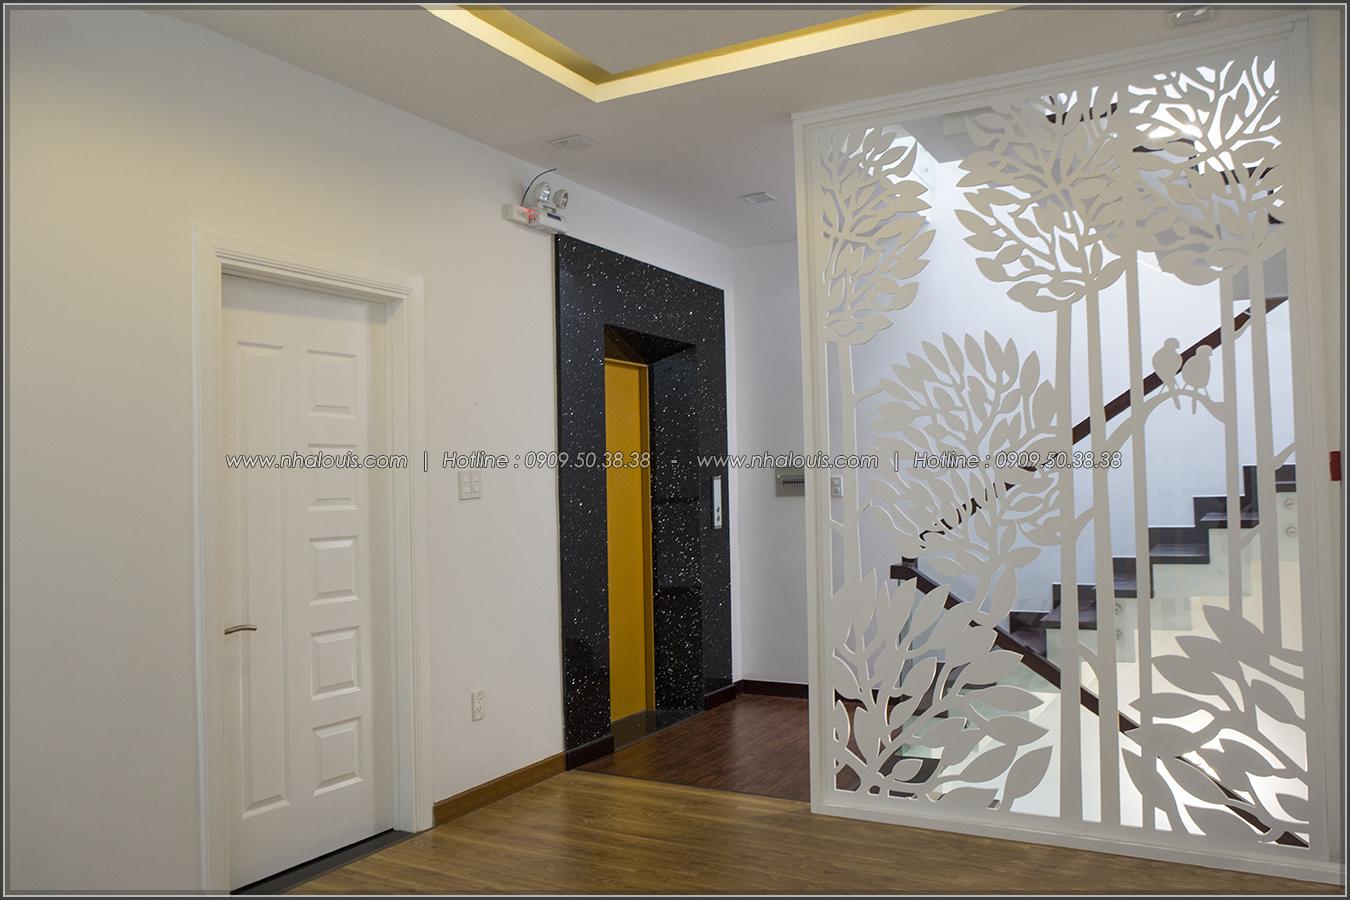 Thiết kế và thi công biệt thự phố đẹp với hồ bơi xanh mát tại Tân Bình - 32